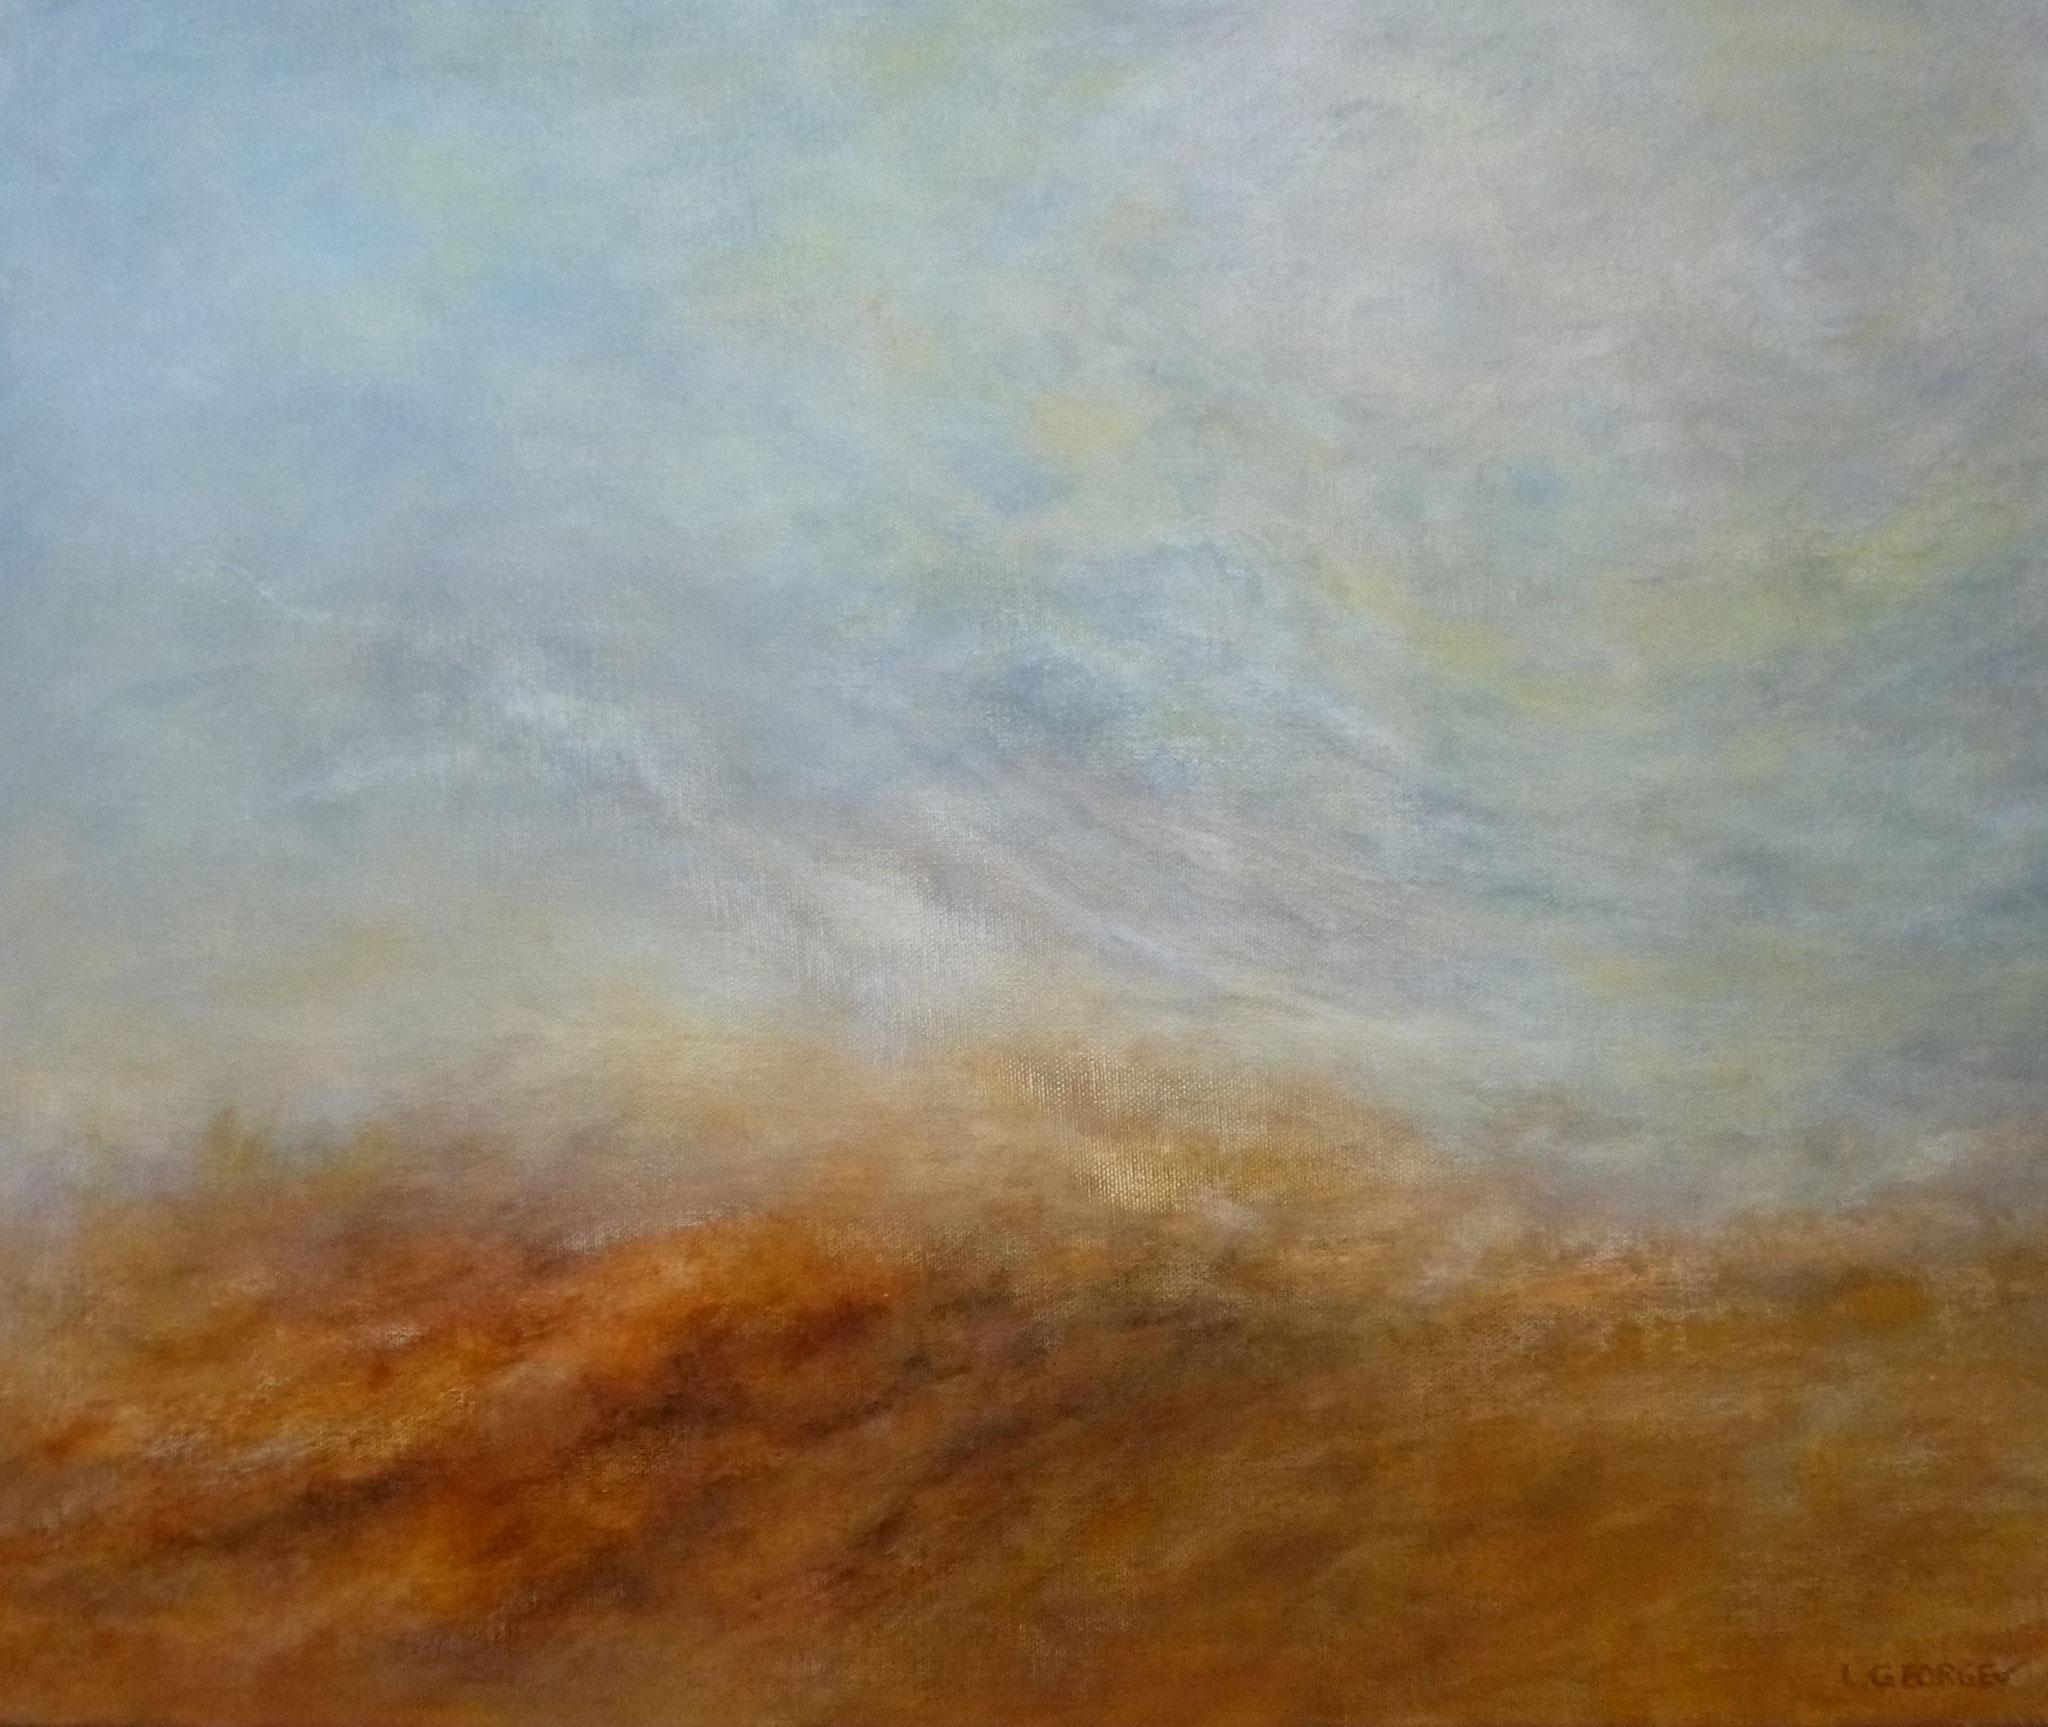 ÉVANESCENCE, acrylique sur toile, 54x65 cm